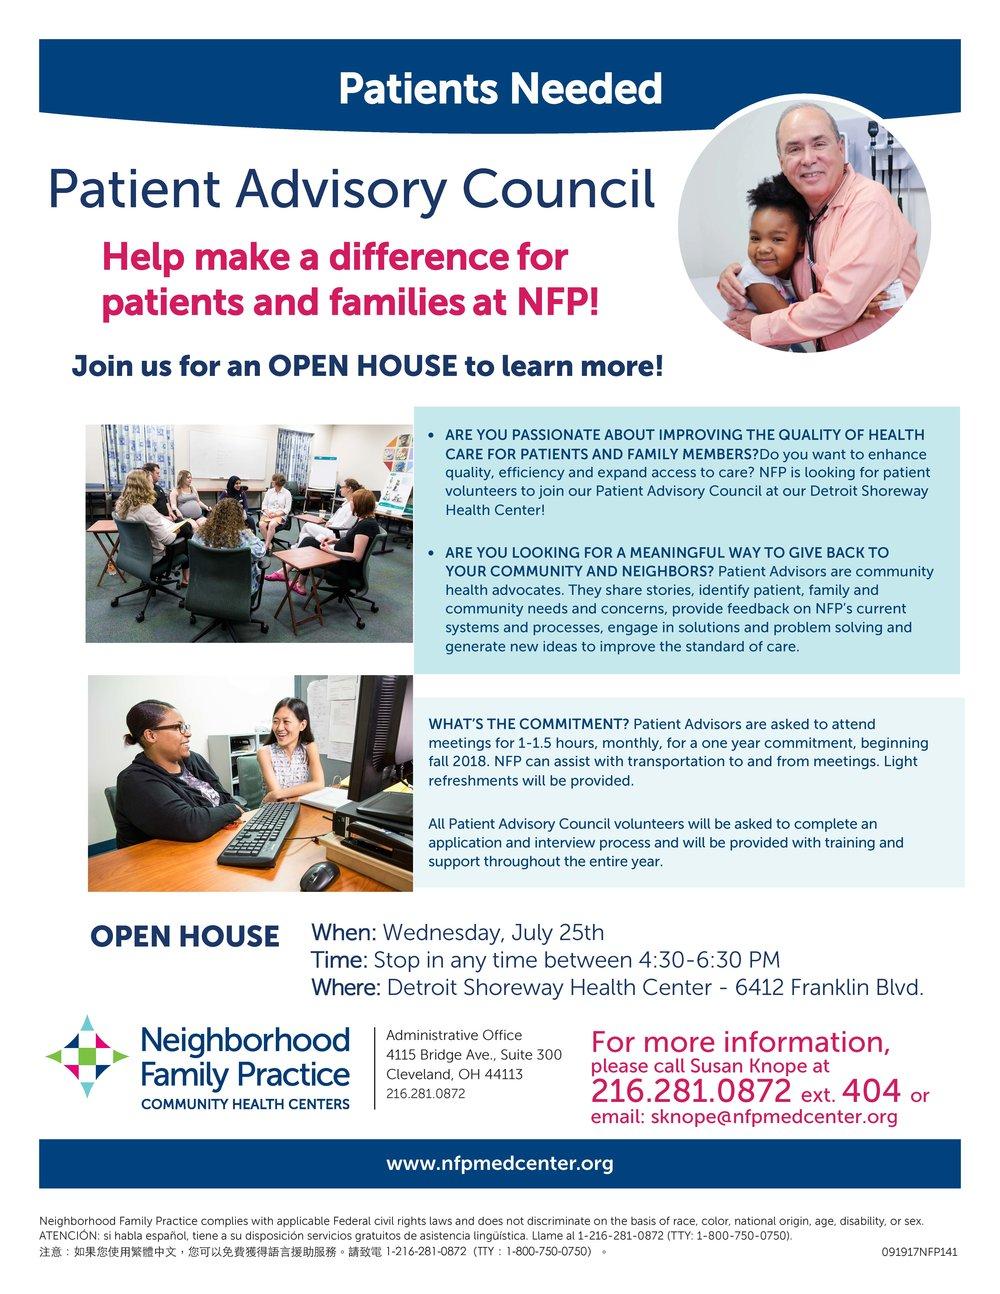 PatientAdvisoryCouncilRecruitmentOpen House Flyer.jpg